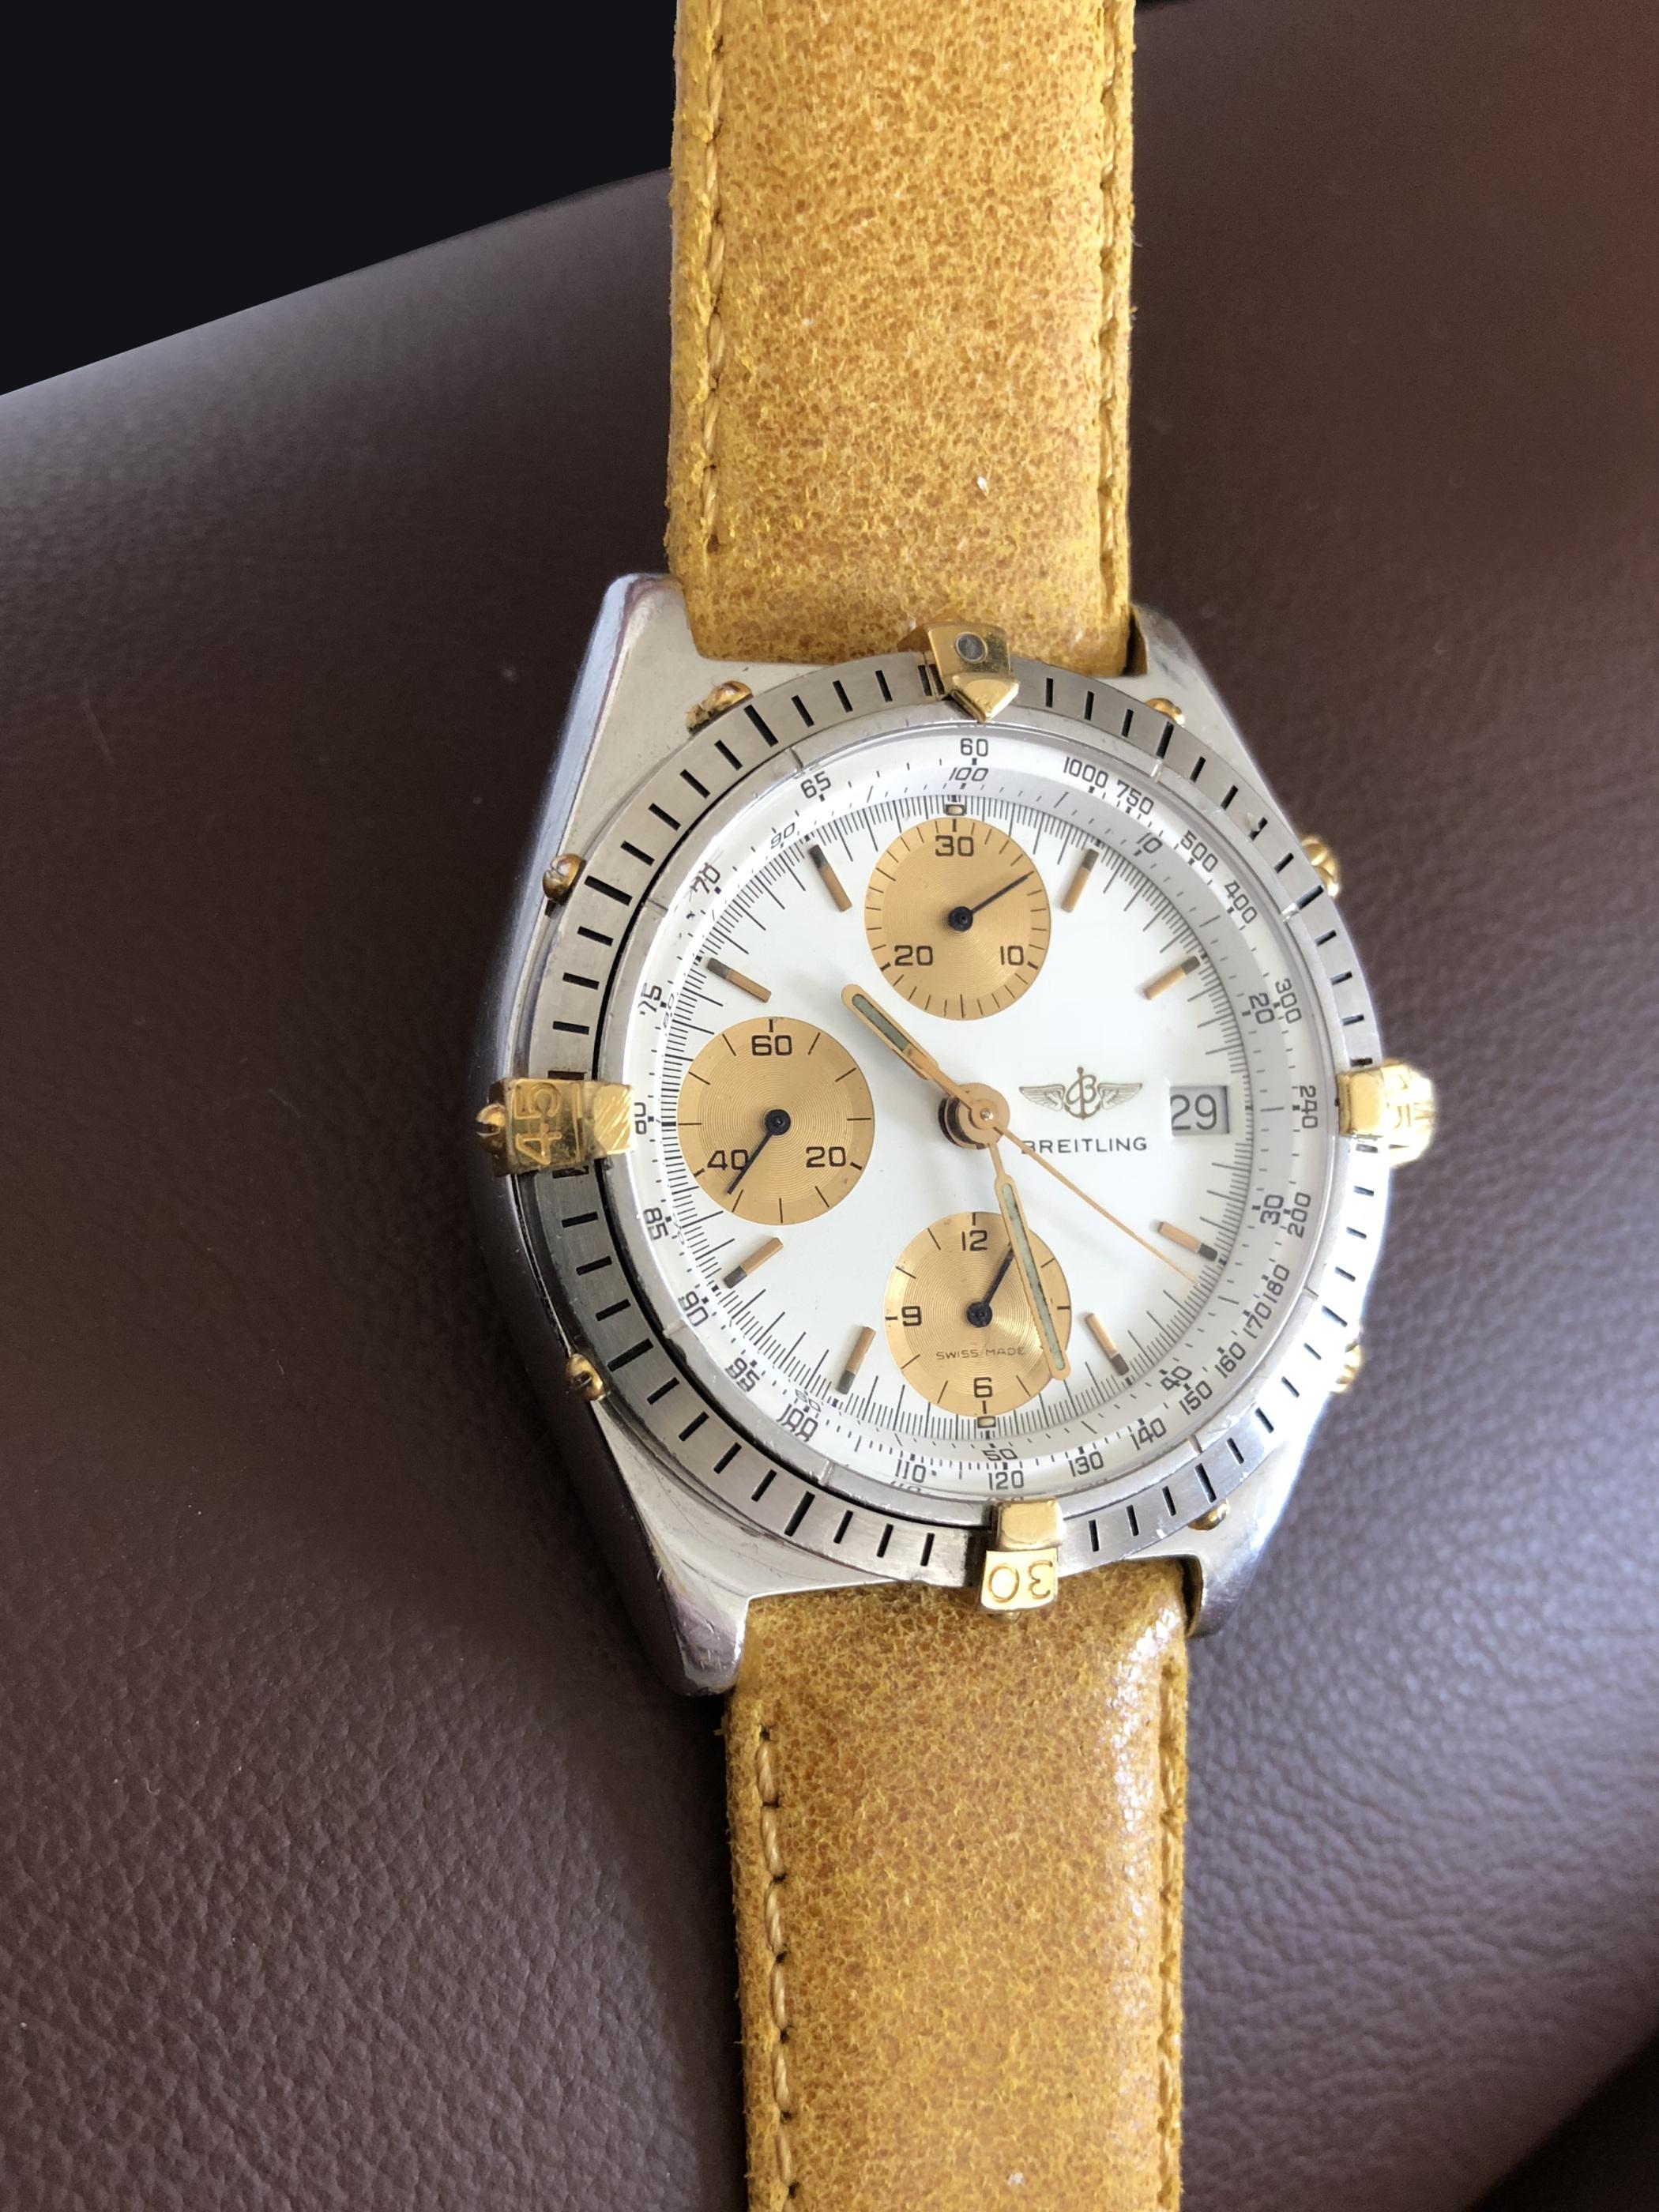 Guldband på Breitling